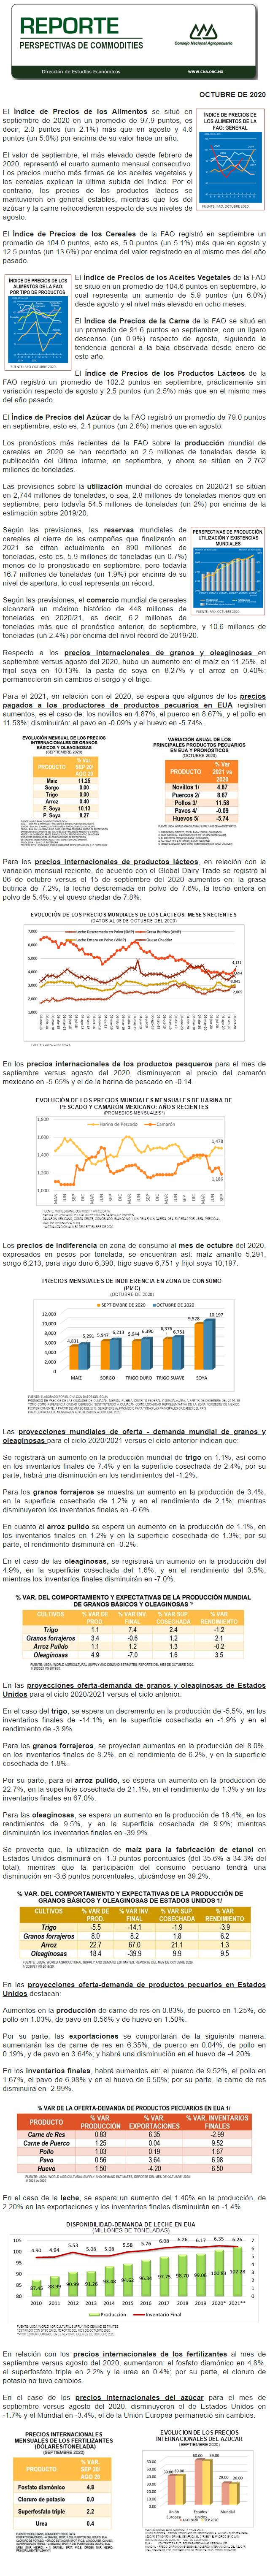 Reporte de Perspectivas Internacionales para los Commodities Agropecuarios de octubre 2020.